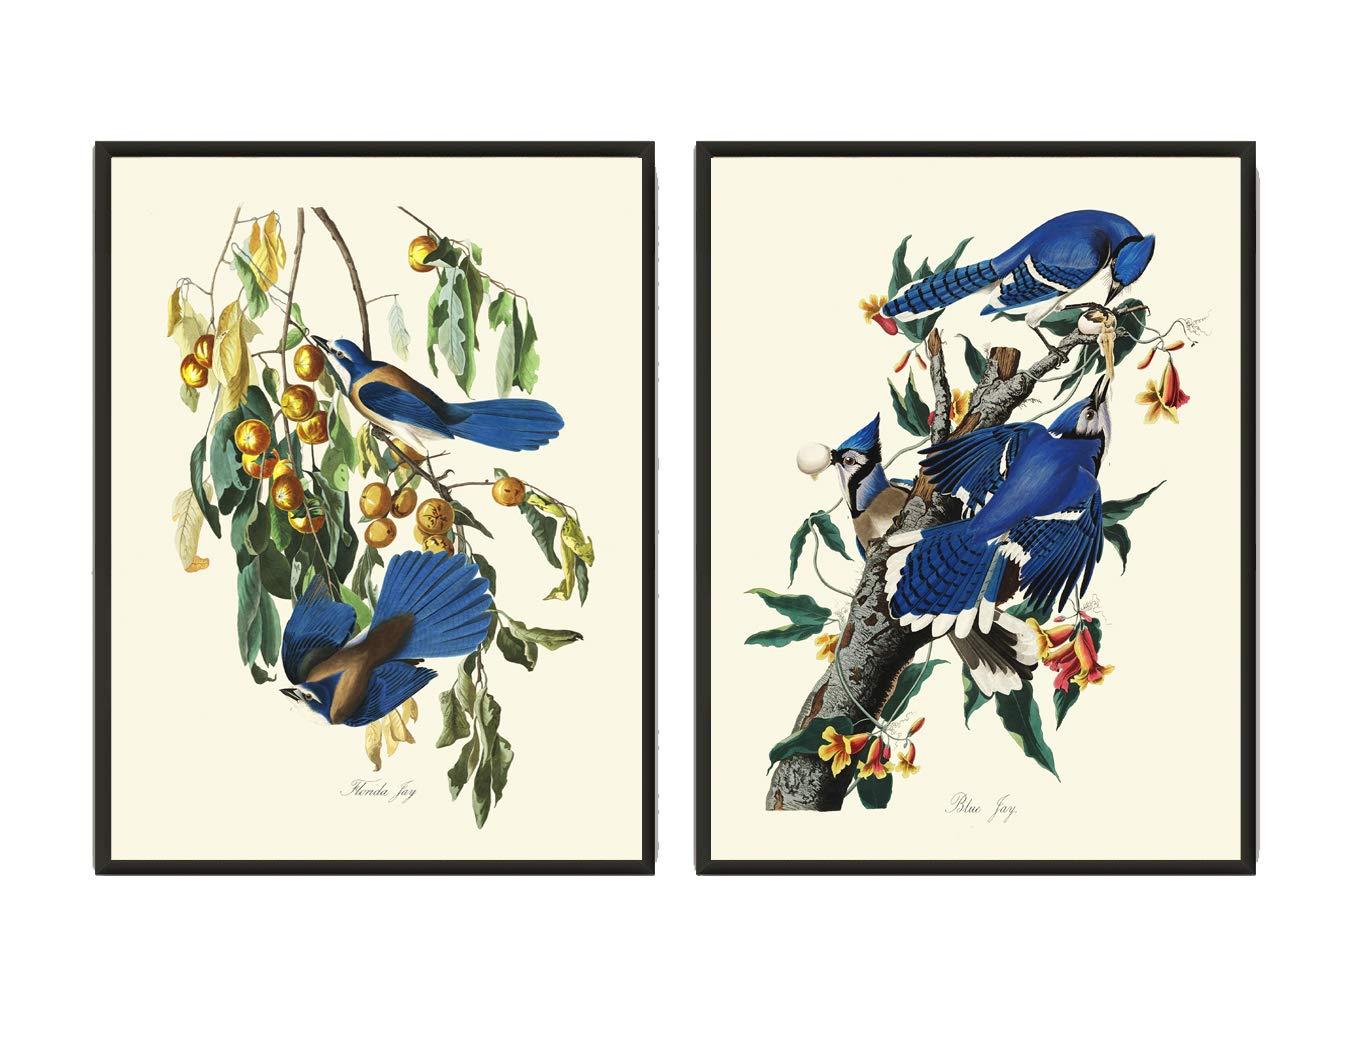 Audubon Blue Jay Bird Print Set of 2 Beautiful Home Room Decor Wall Art Unframed